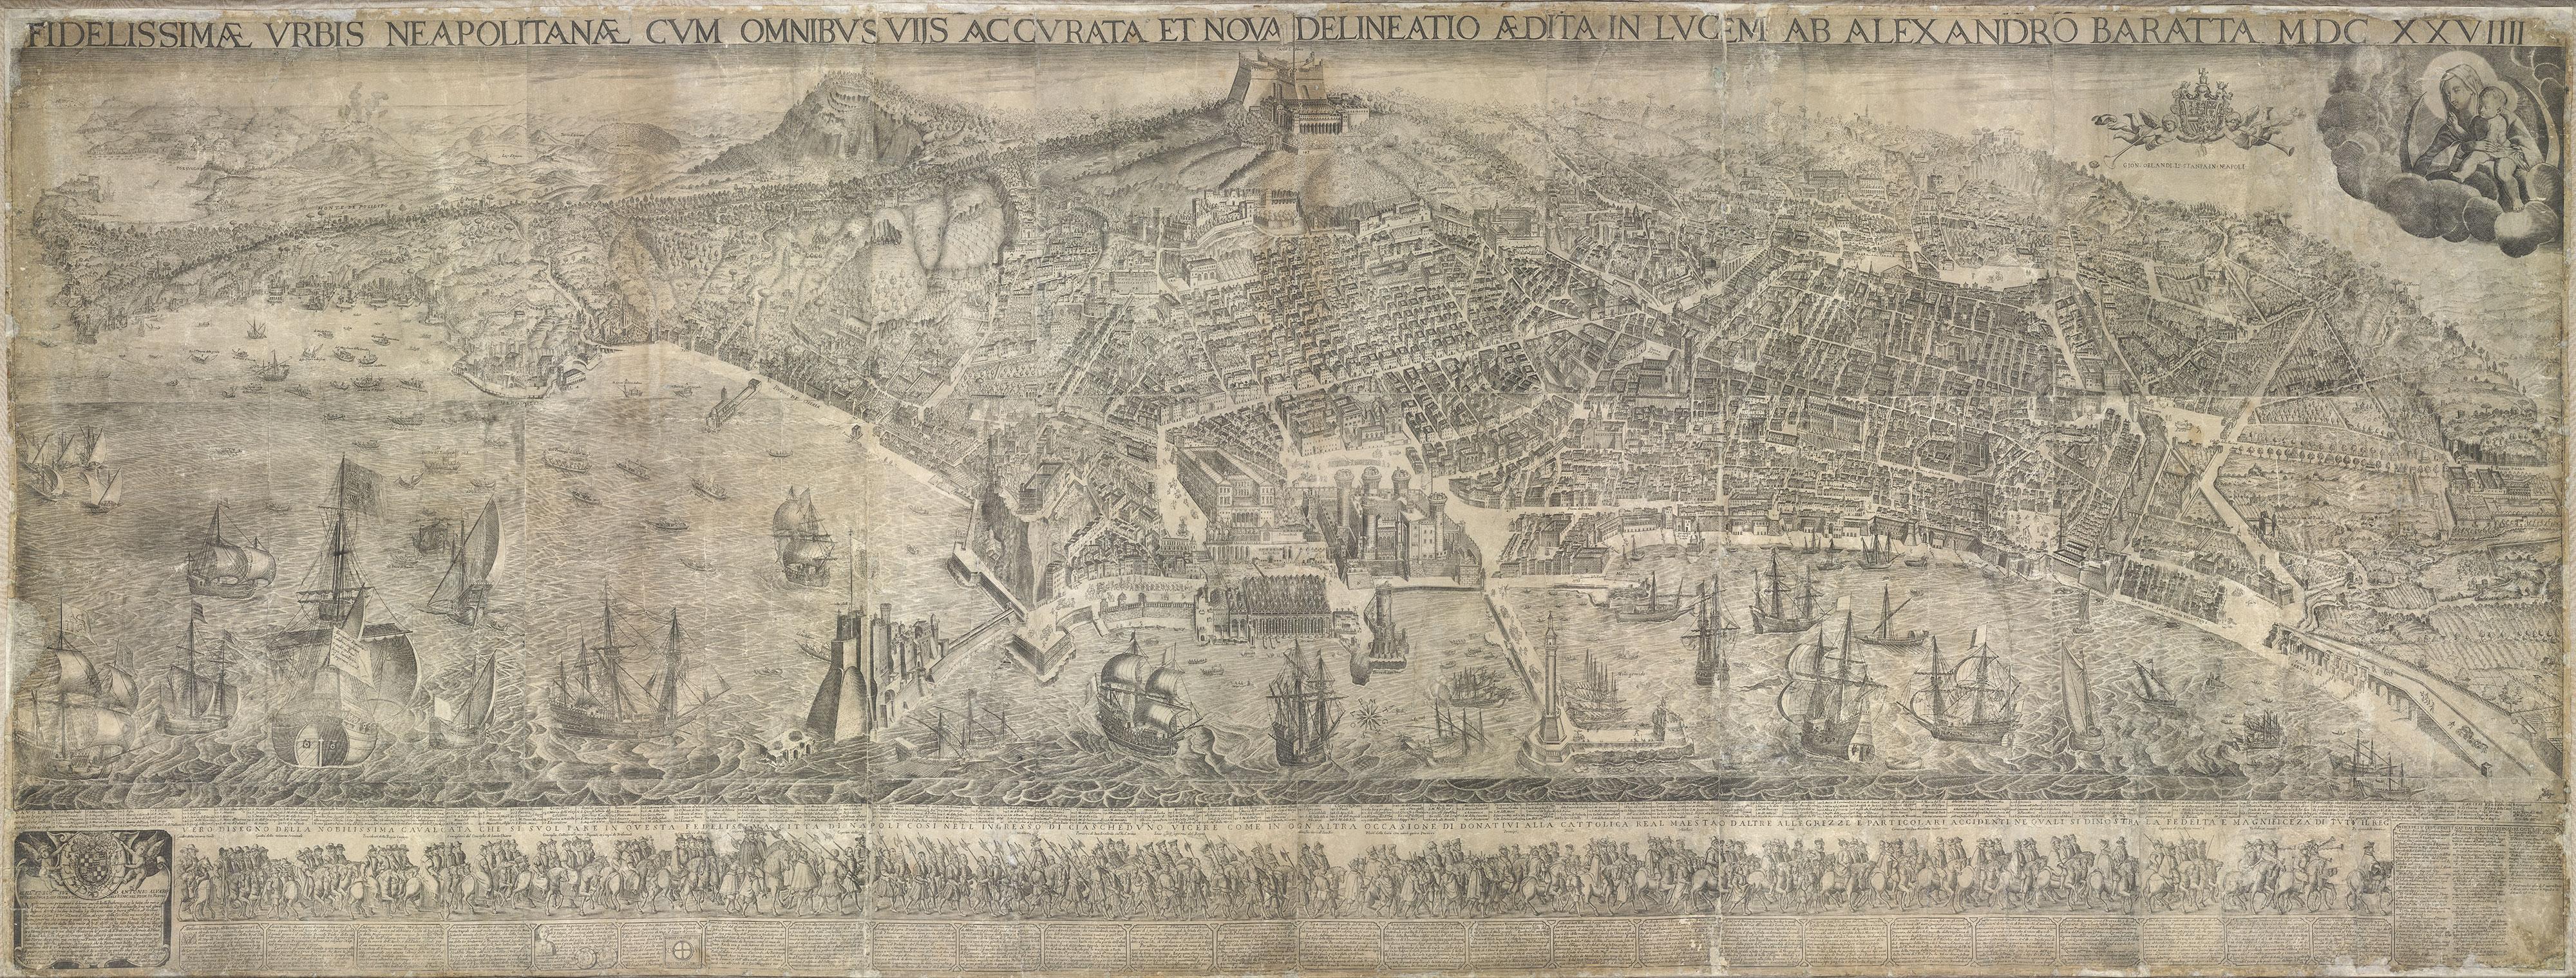 File:Alessandro Baratta, pianta di Napoli 1629.jpg